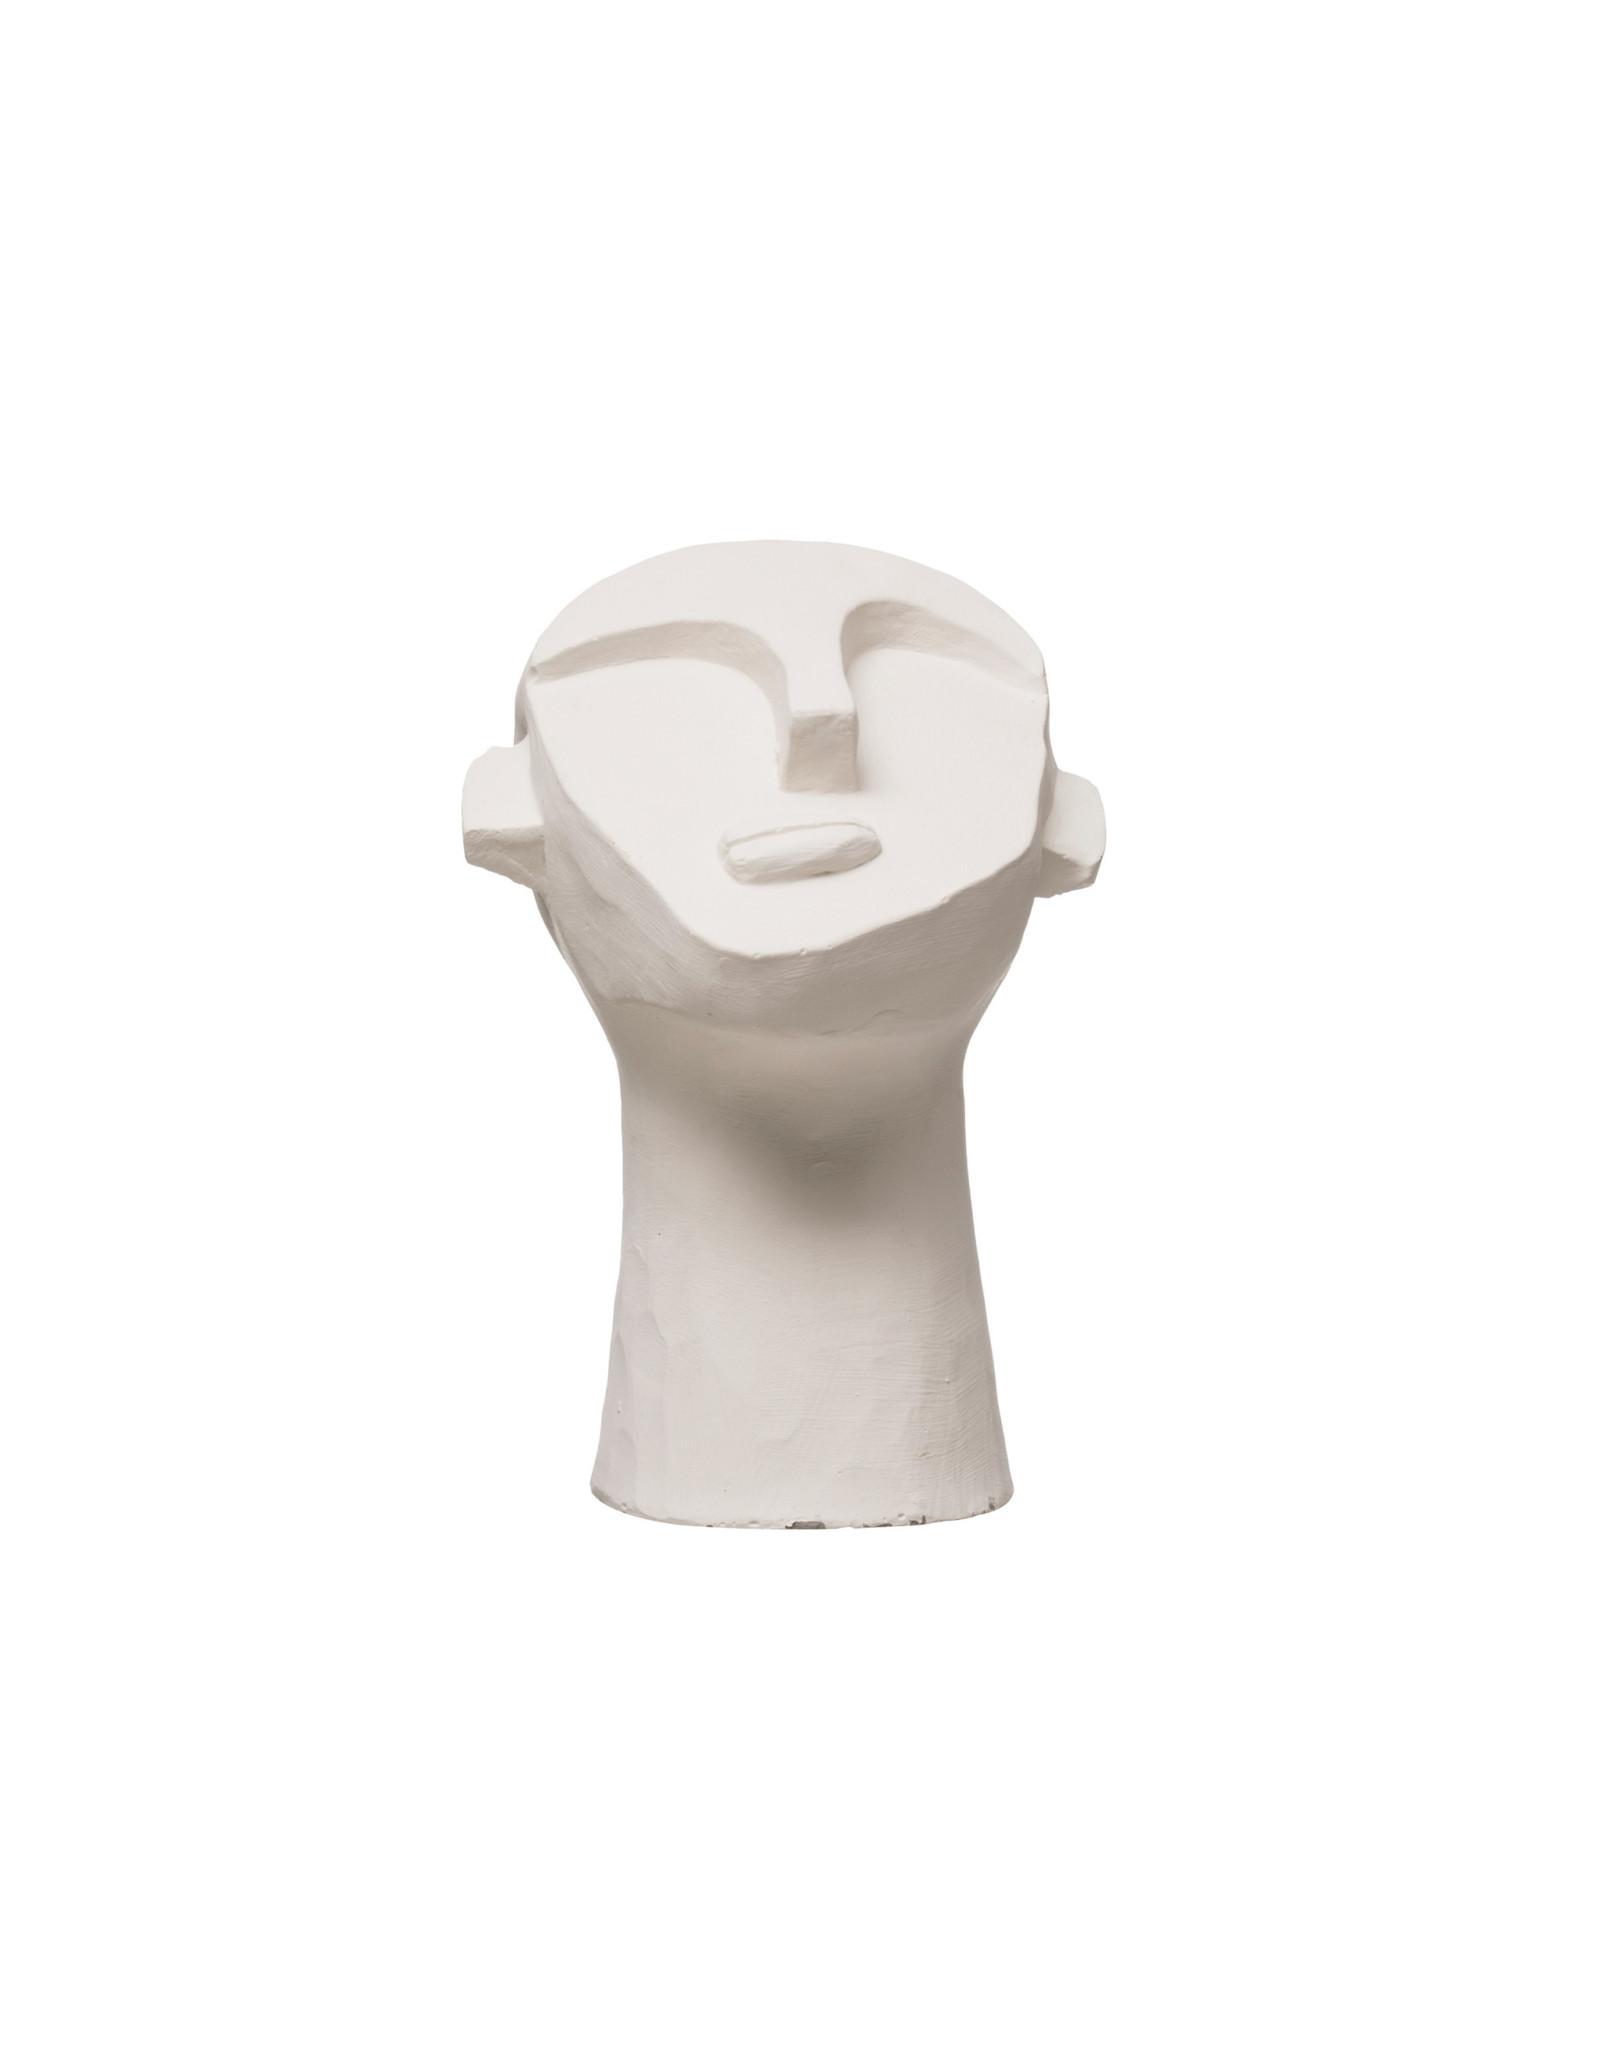 The Florist & The Merchant White Cement Face Sculpture